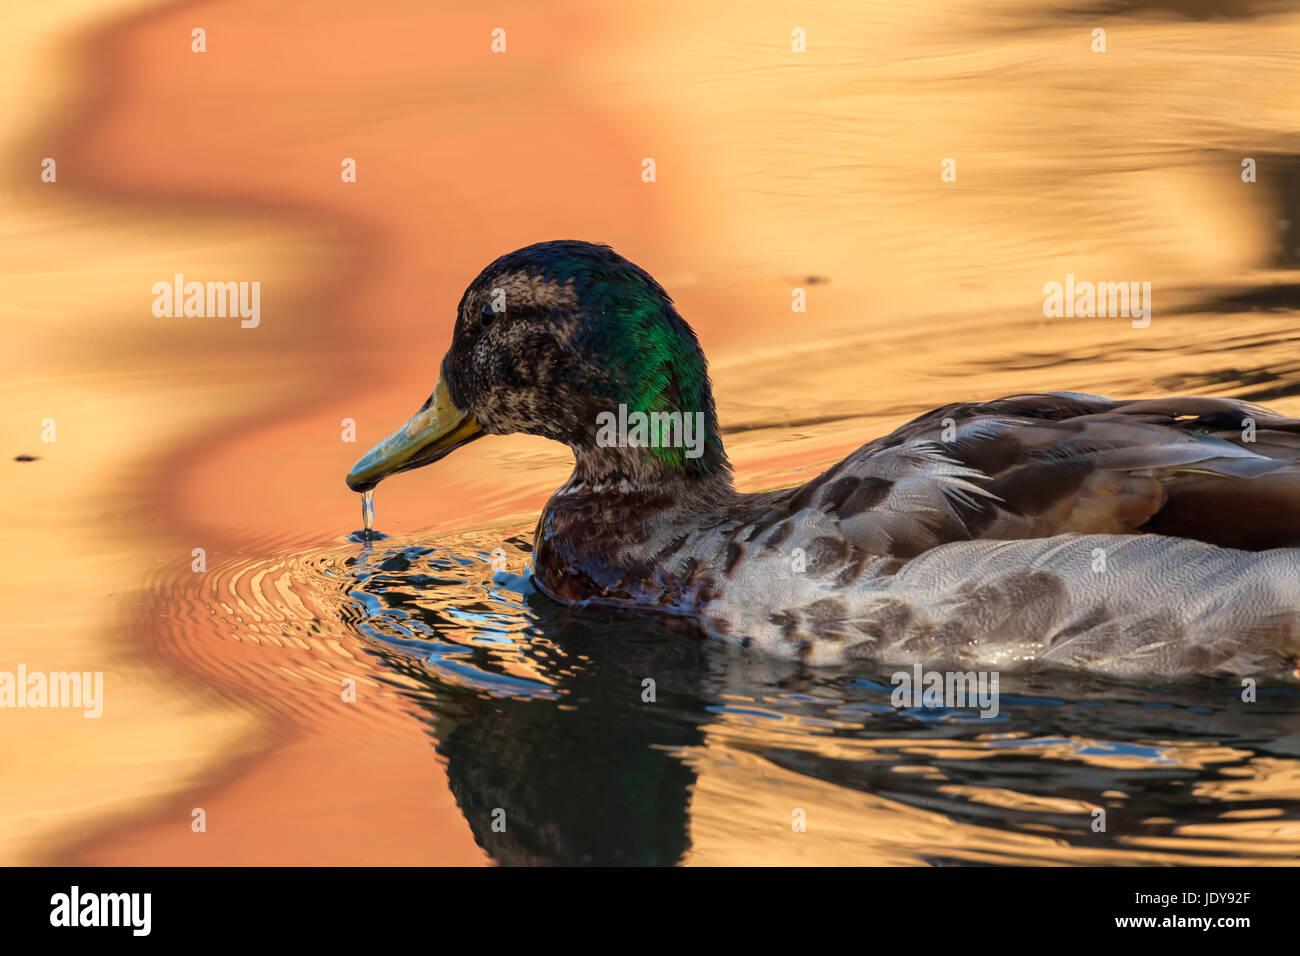 Un germano reale bird in movimento per l'inizio del pasto mattutino Immagini Stock